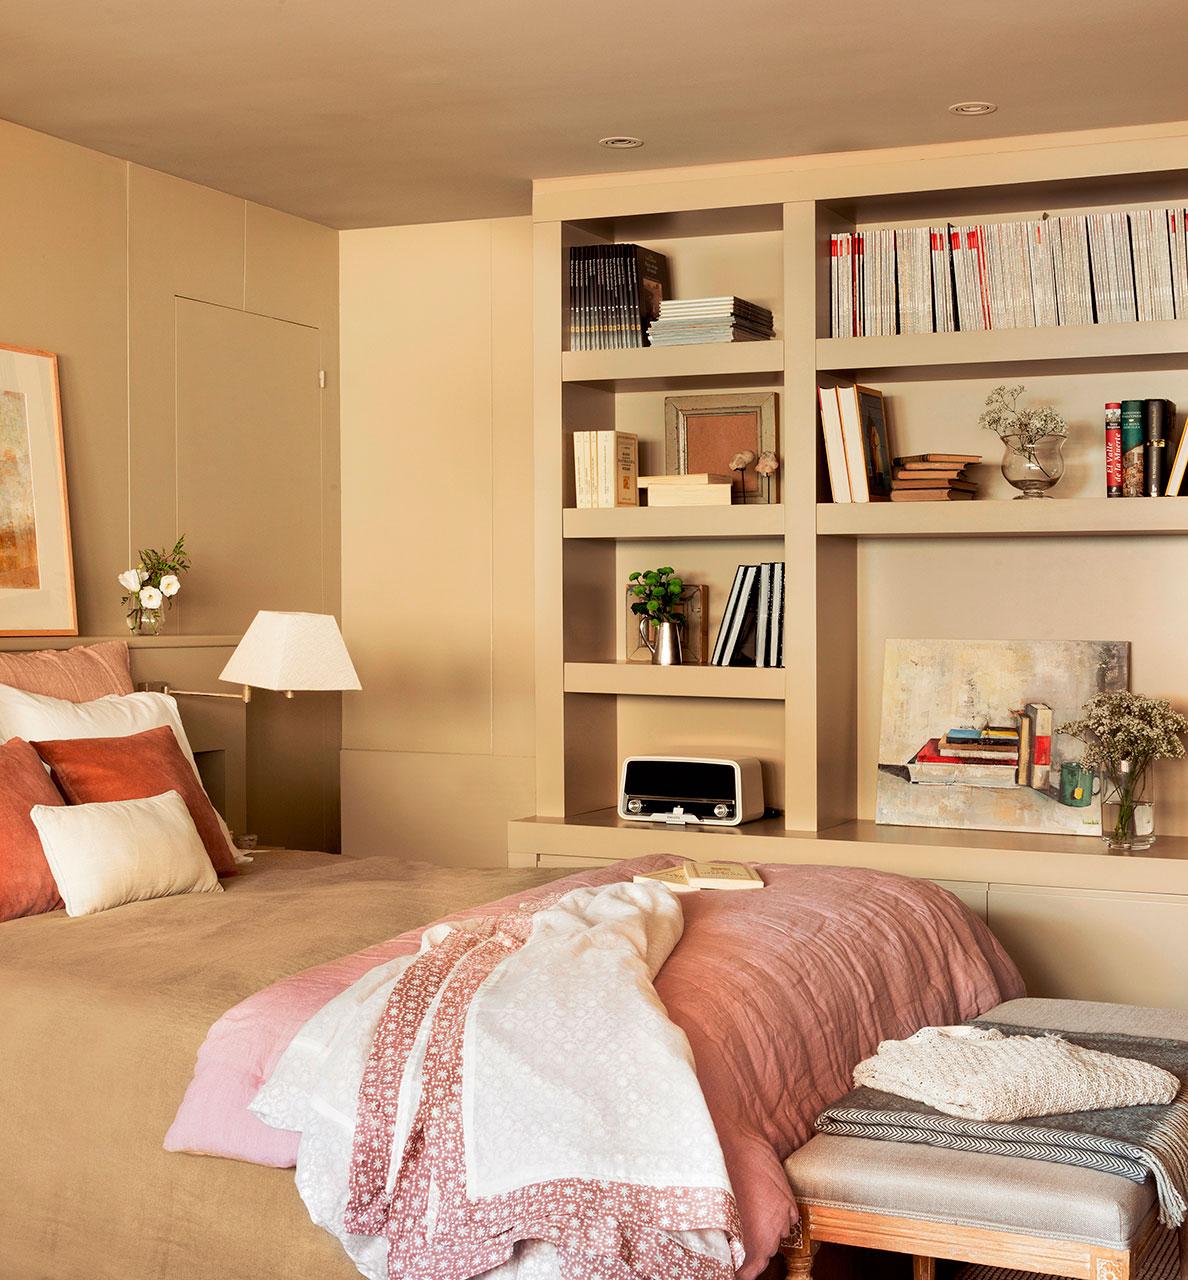 Dormitorios pr cticos y elegantes - Dormitorio beige ...